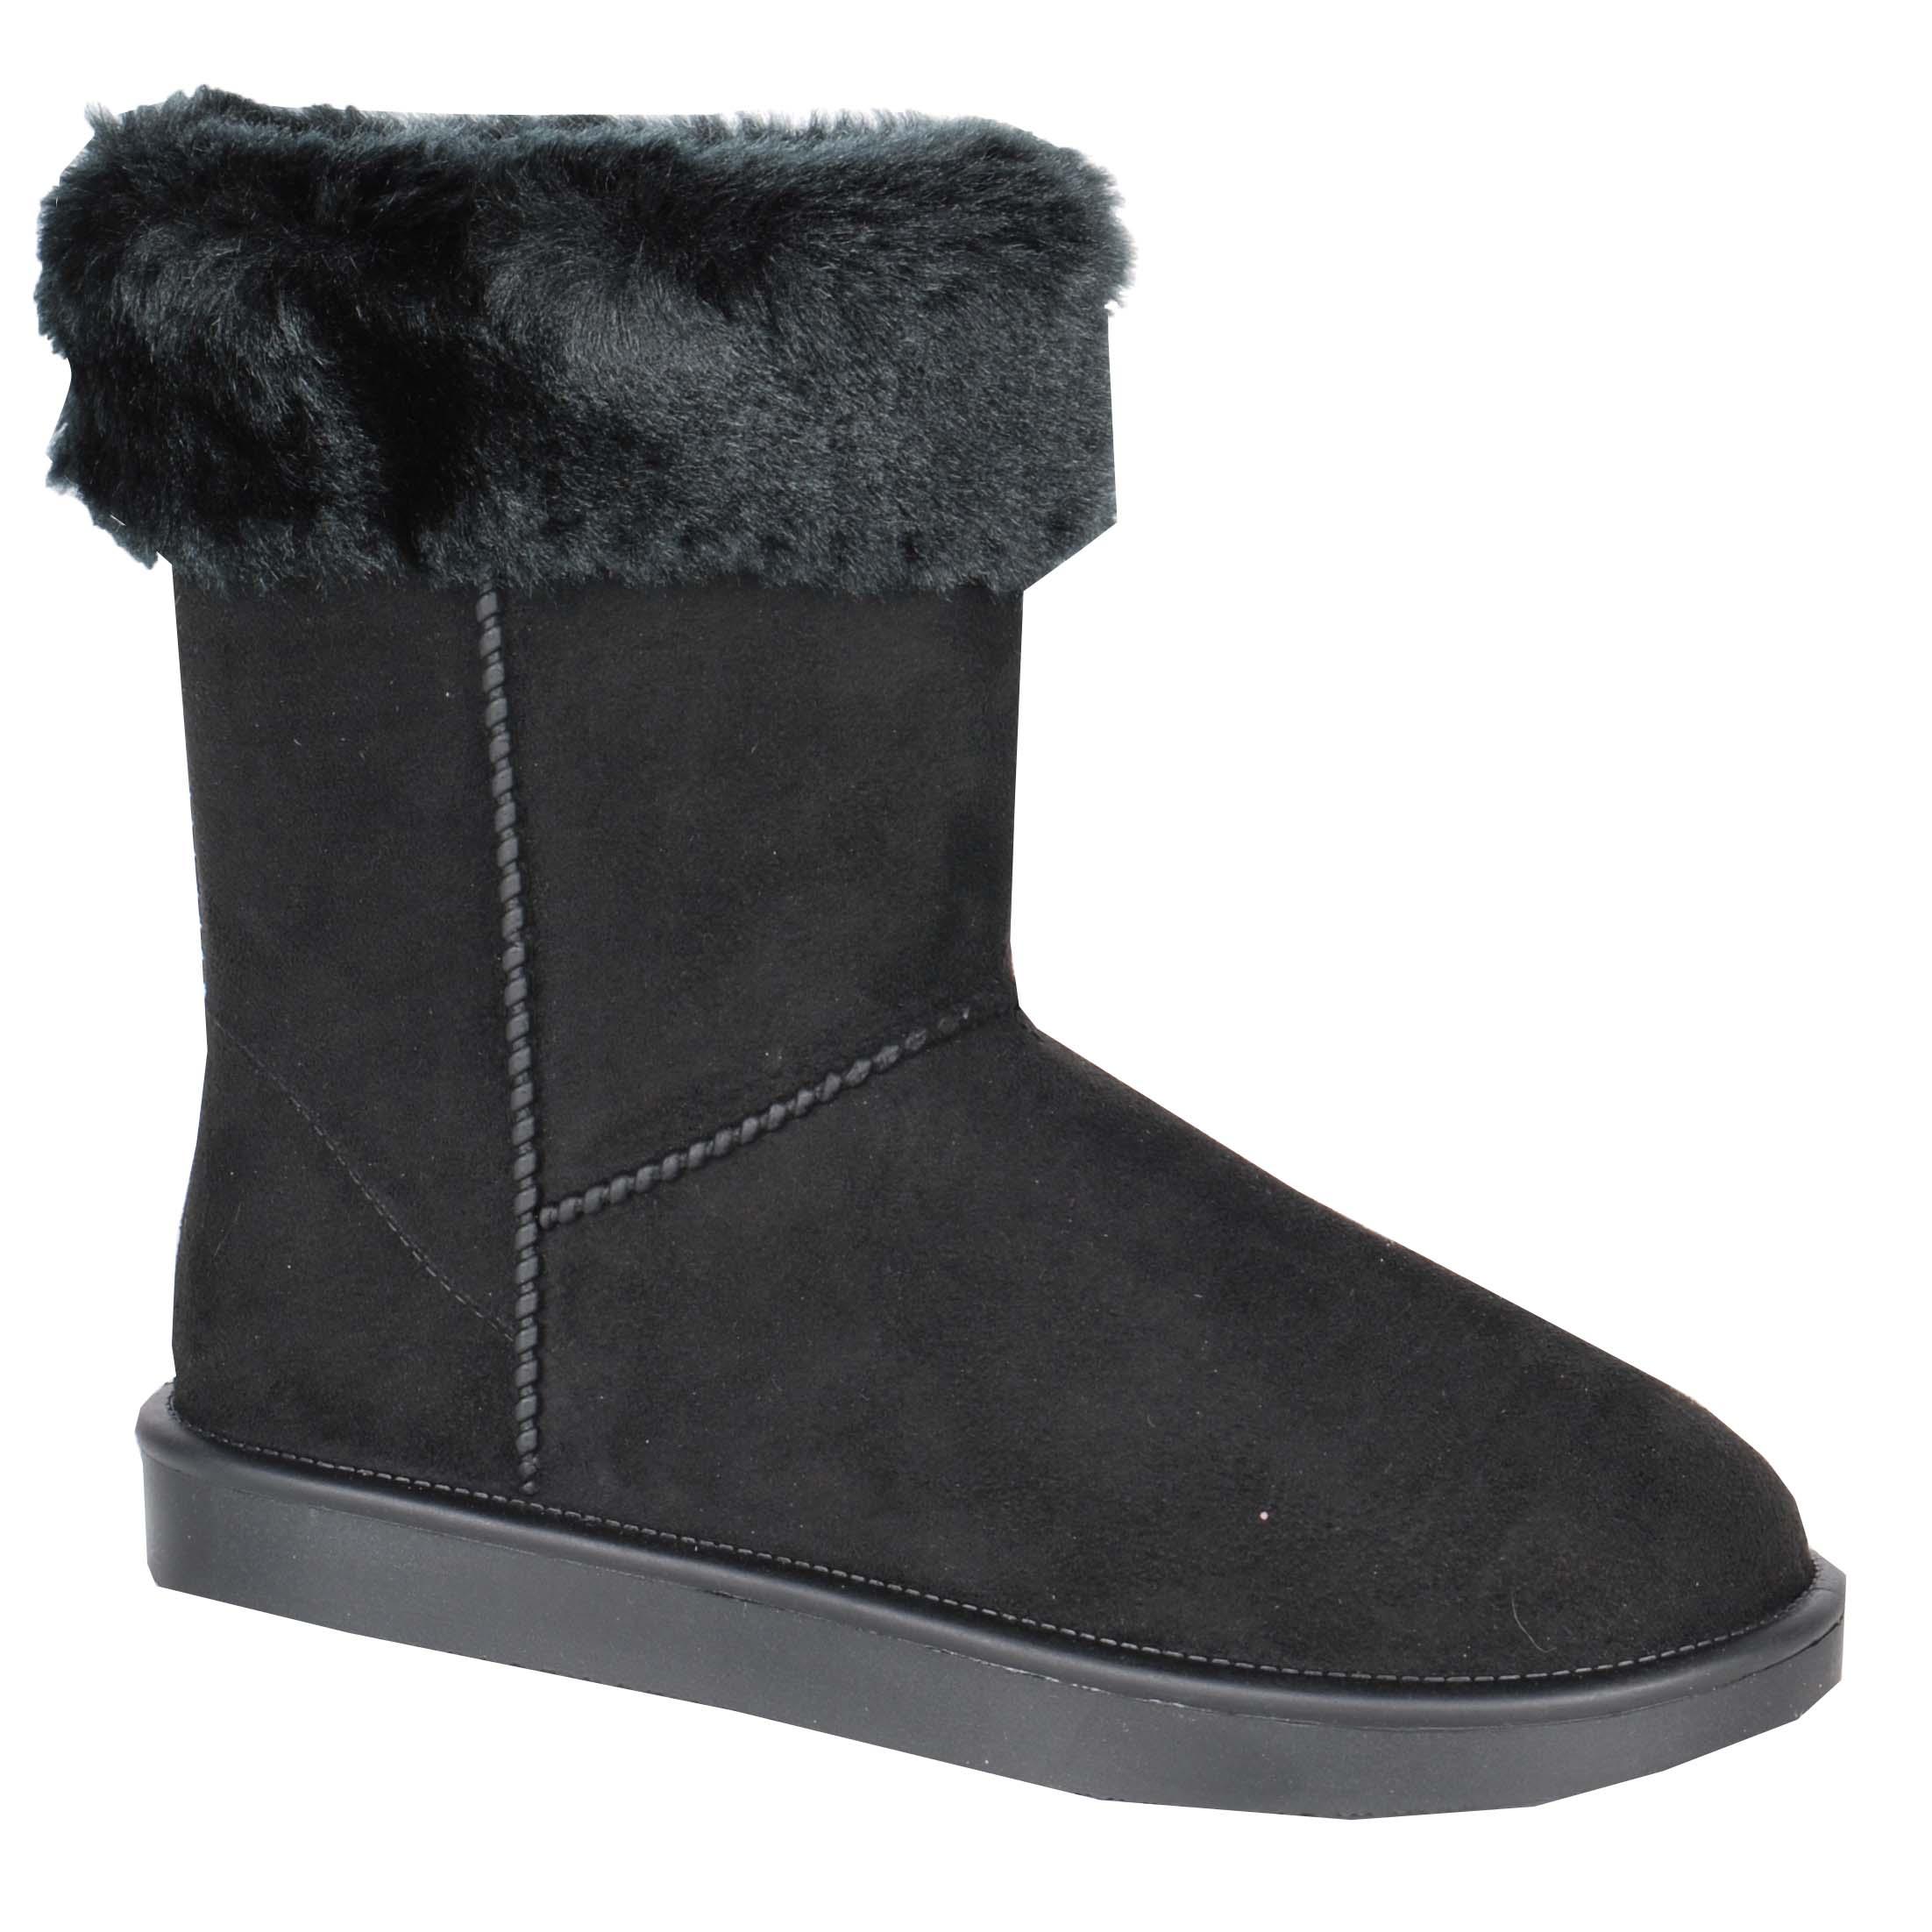 HKM Davos Fur vrijetijds laars zwart maat:35